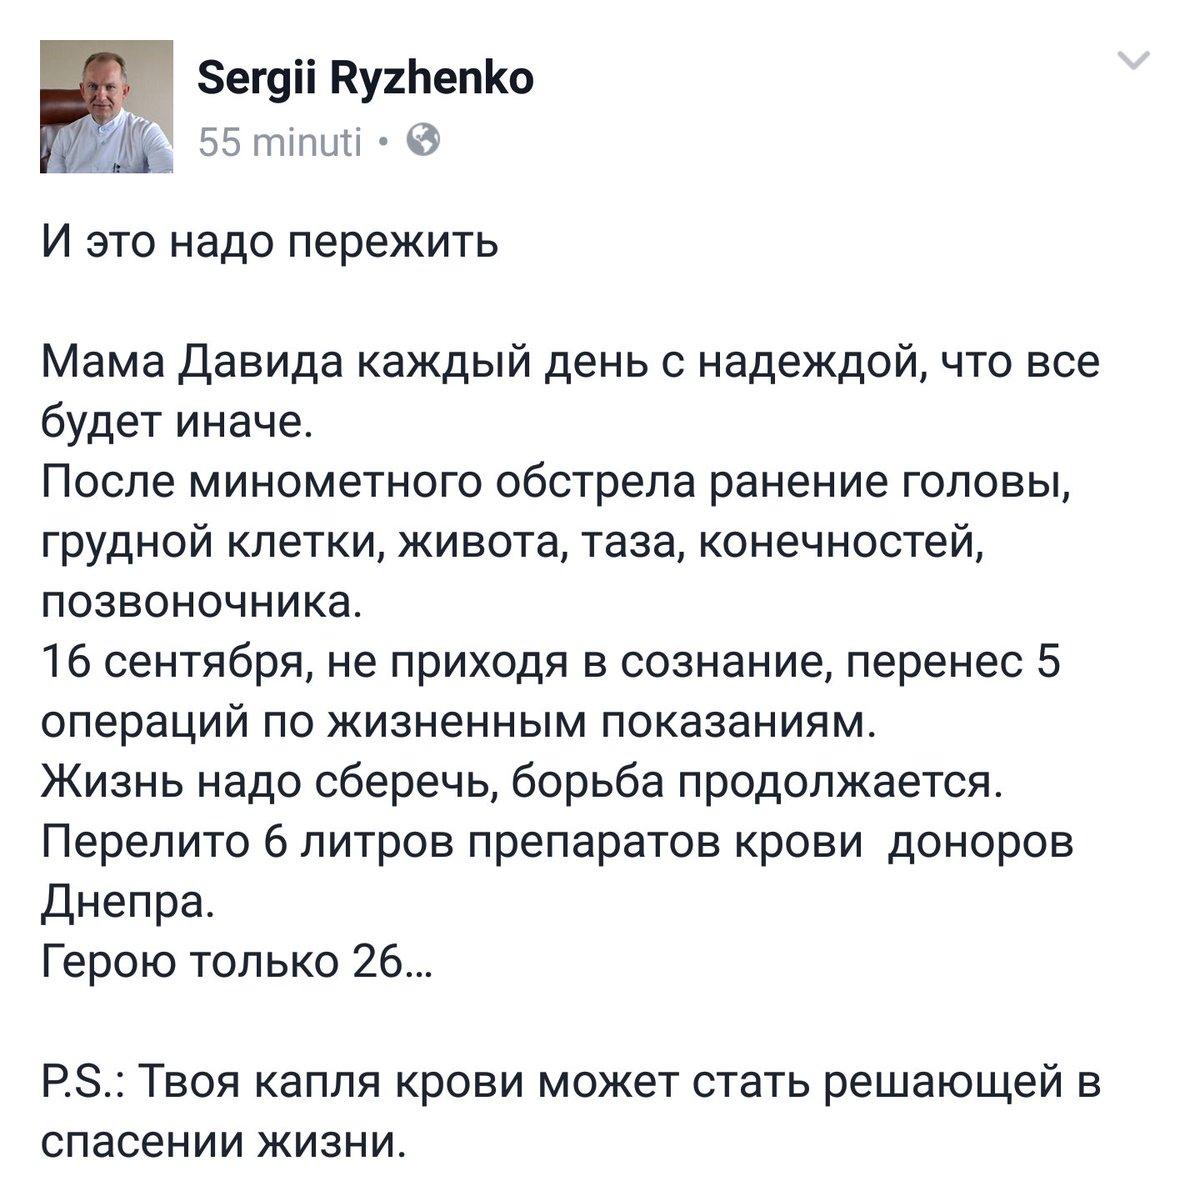 РФ развернула на оккупированном Донбассе вербовочные пункты для участия в боях в Сирии, - разведка - Цензор.НЕТ 5678